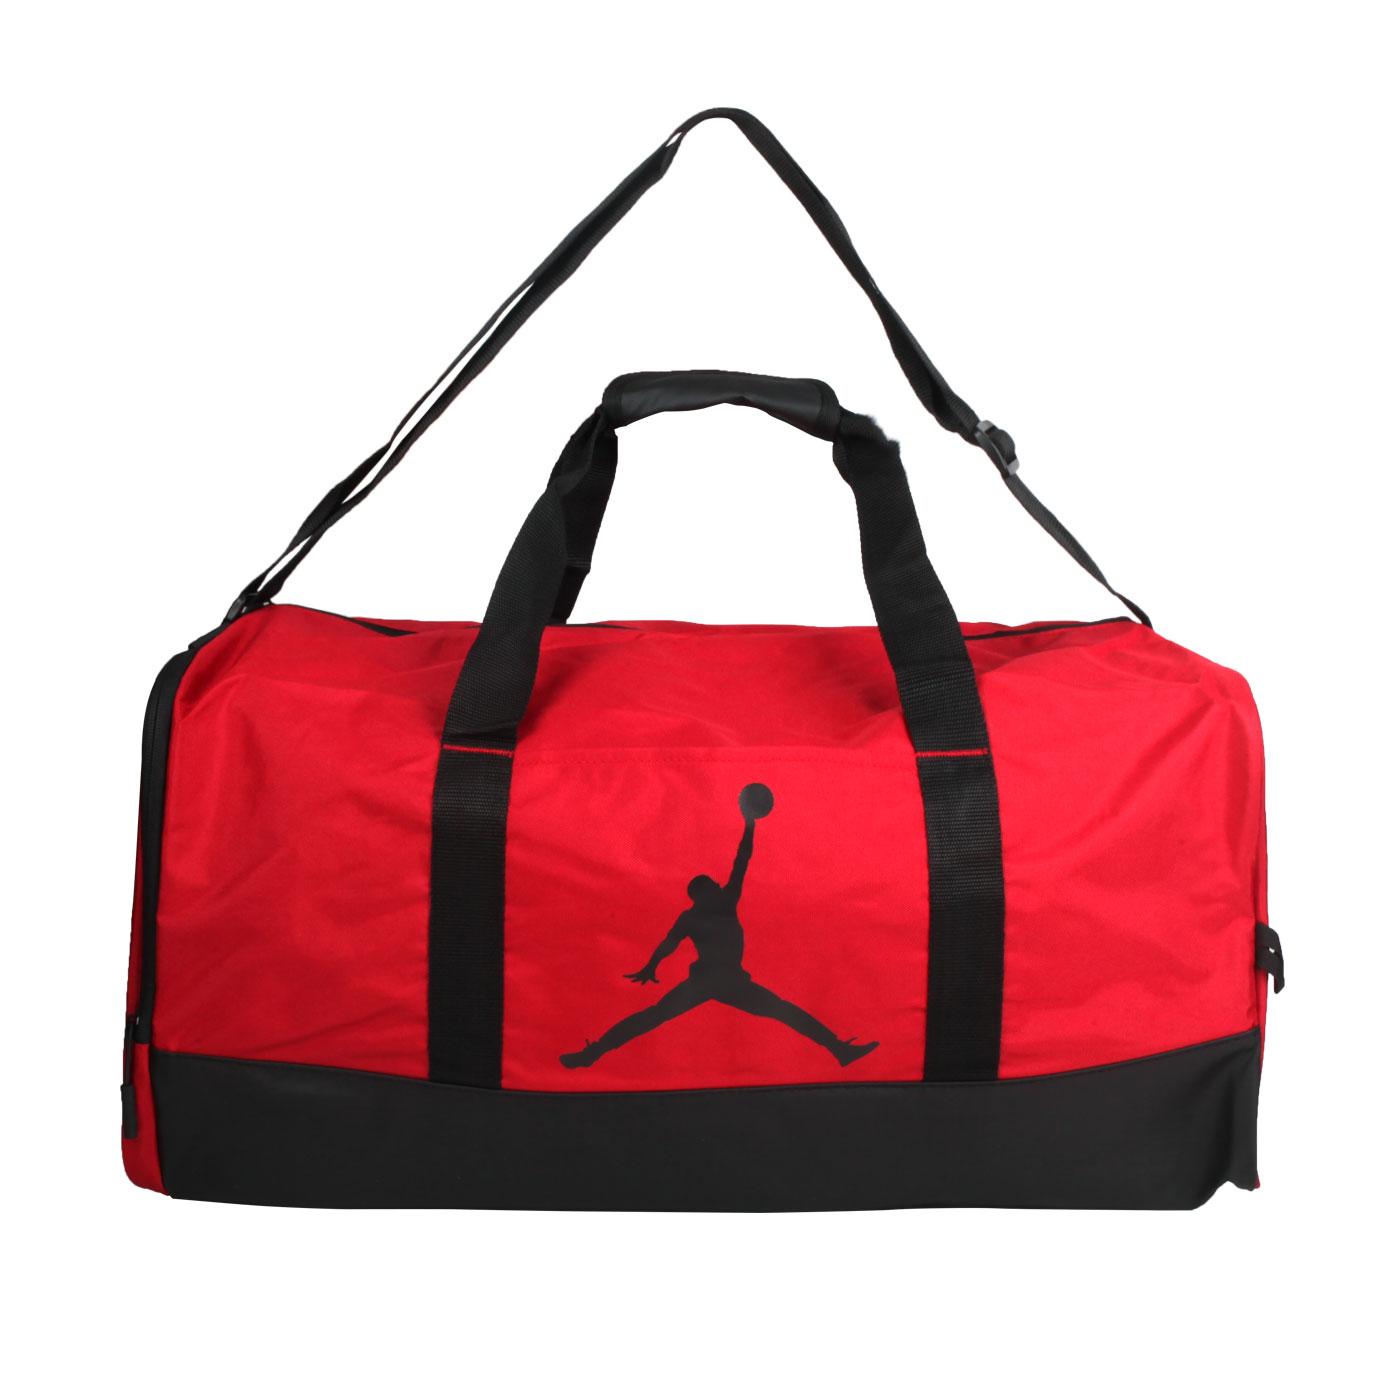 NIKE JORDAN JTRAINER 行李袋 JD933034GS-001 - 紅黑